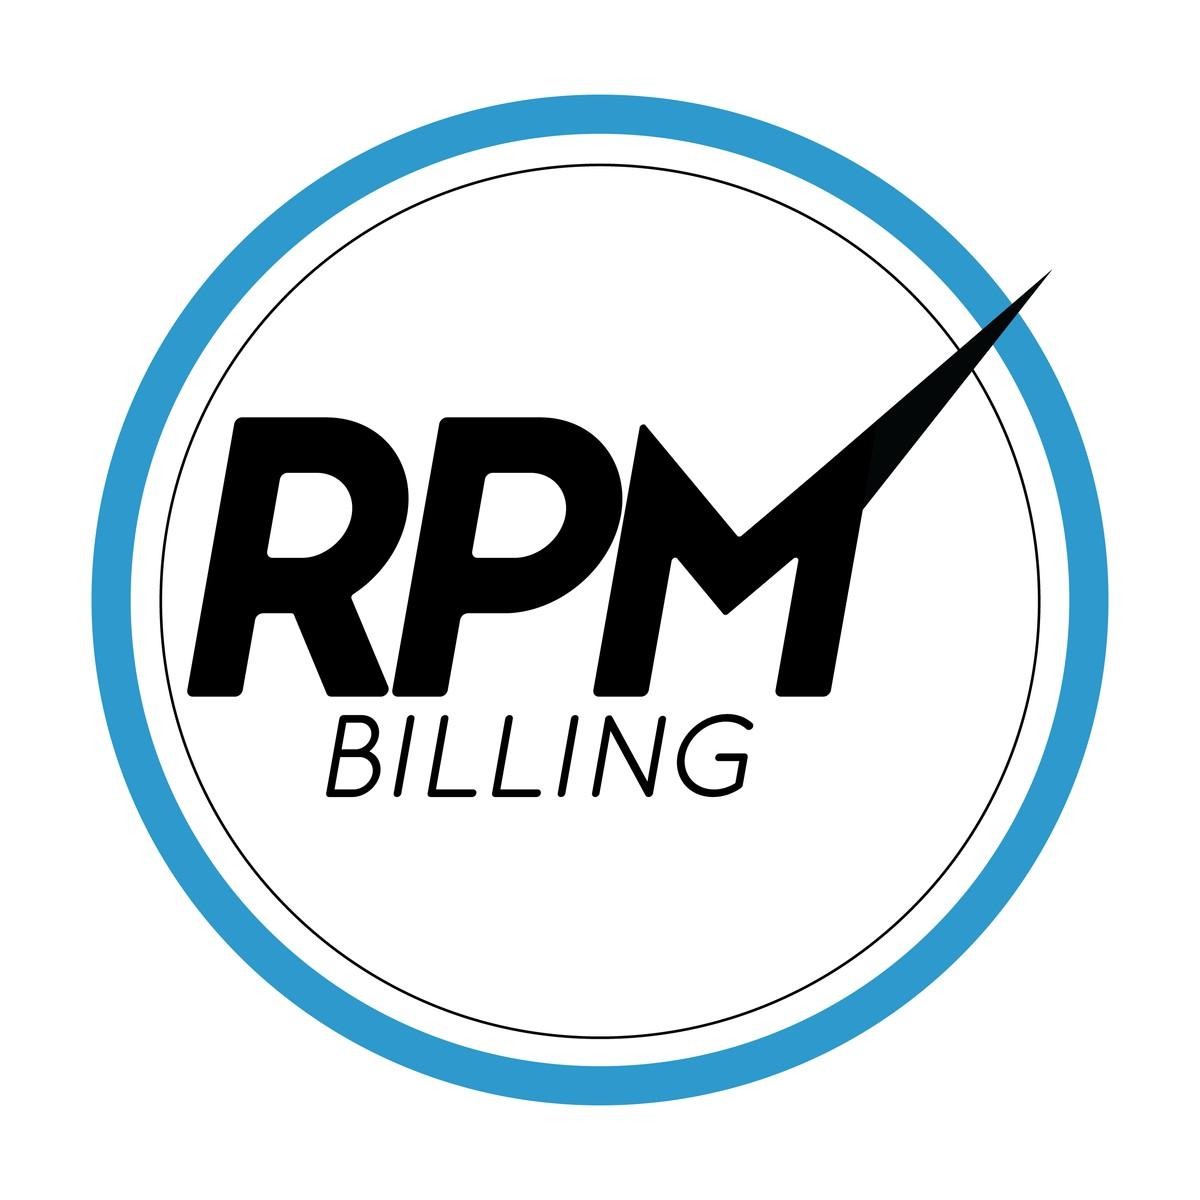 RPM Billing LLC   LinkedIn